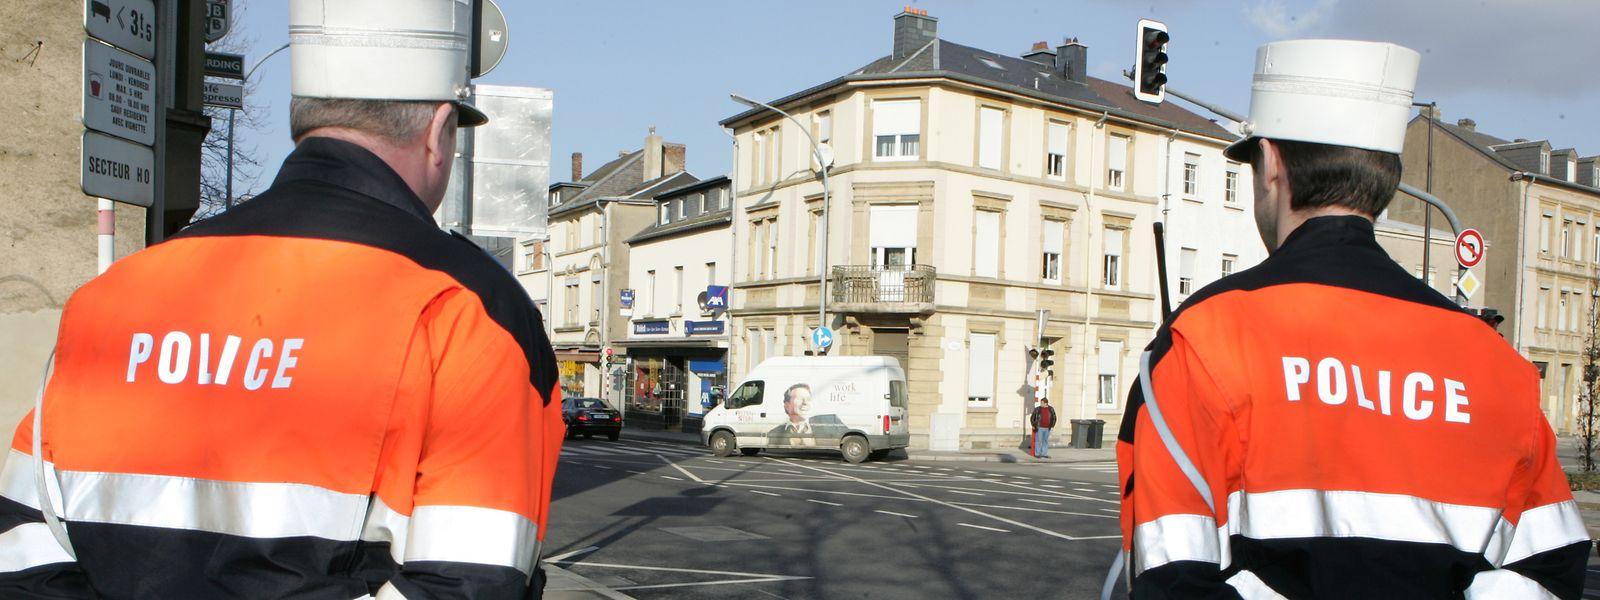 La police grand-ducale a disposé, en 2019, d'un budget de 258 millions d'euros.